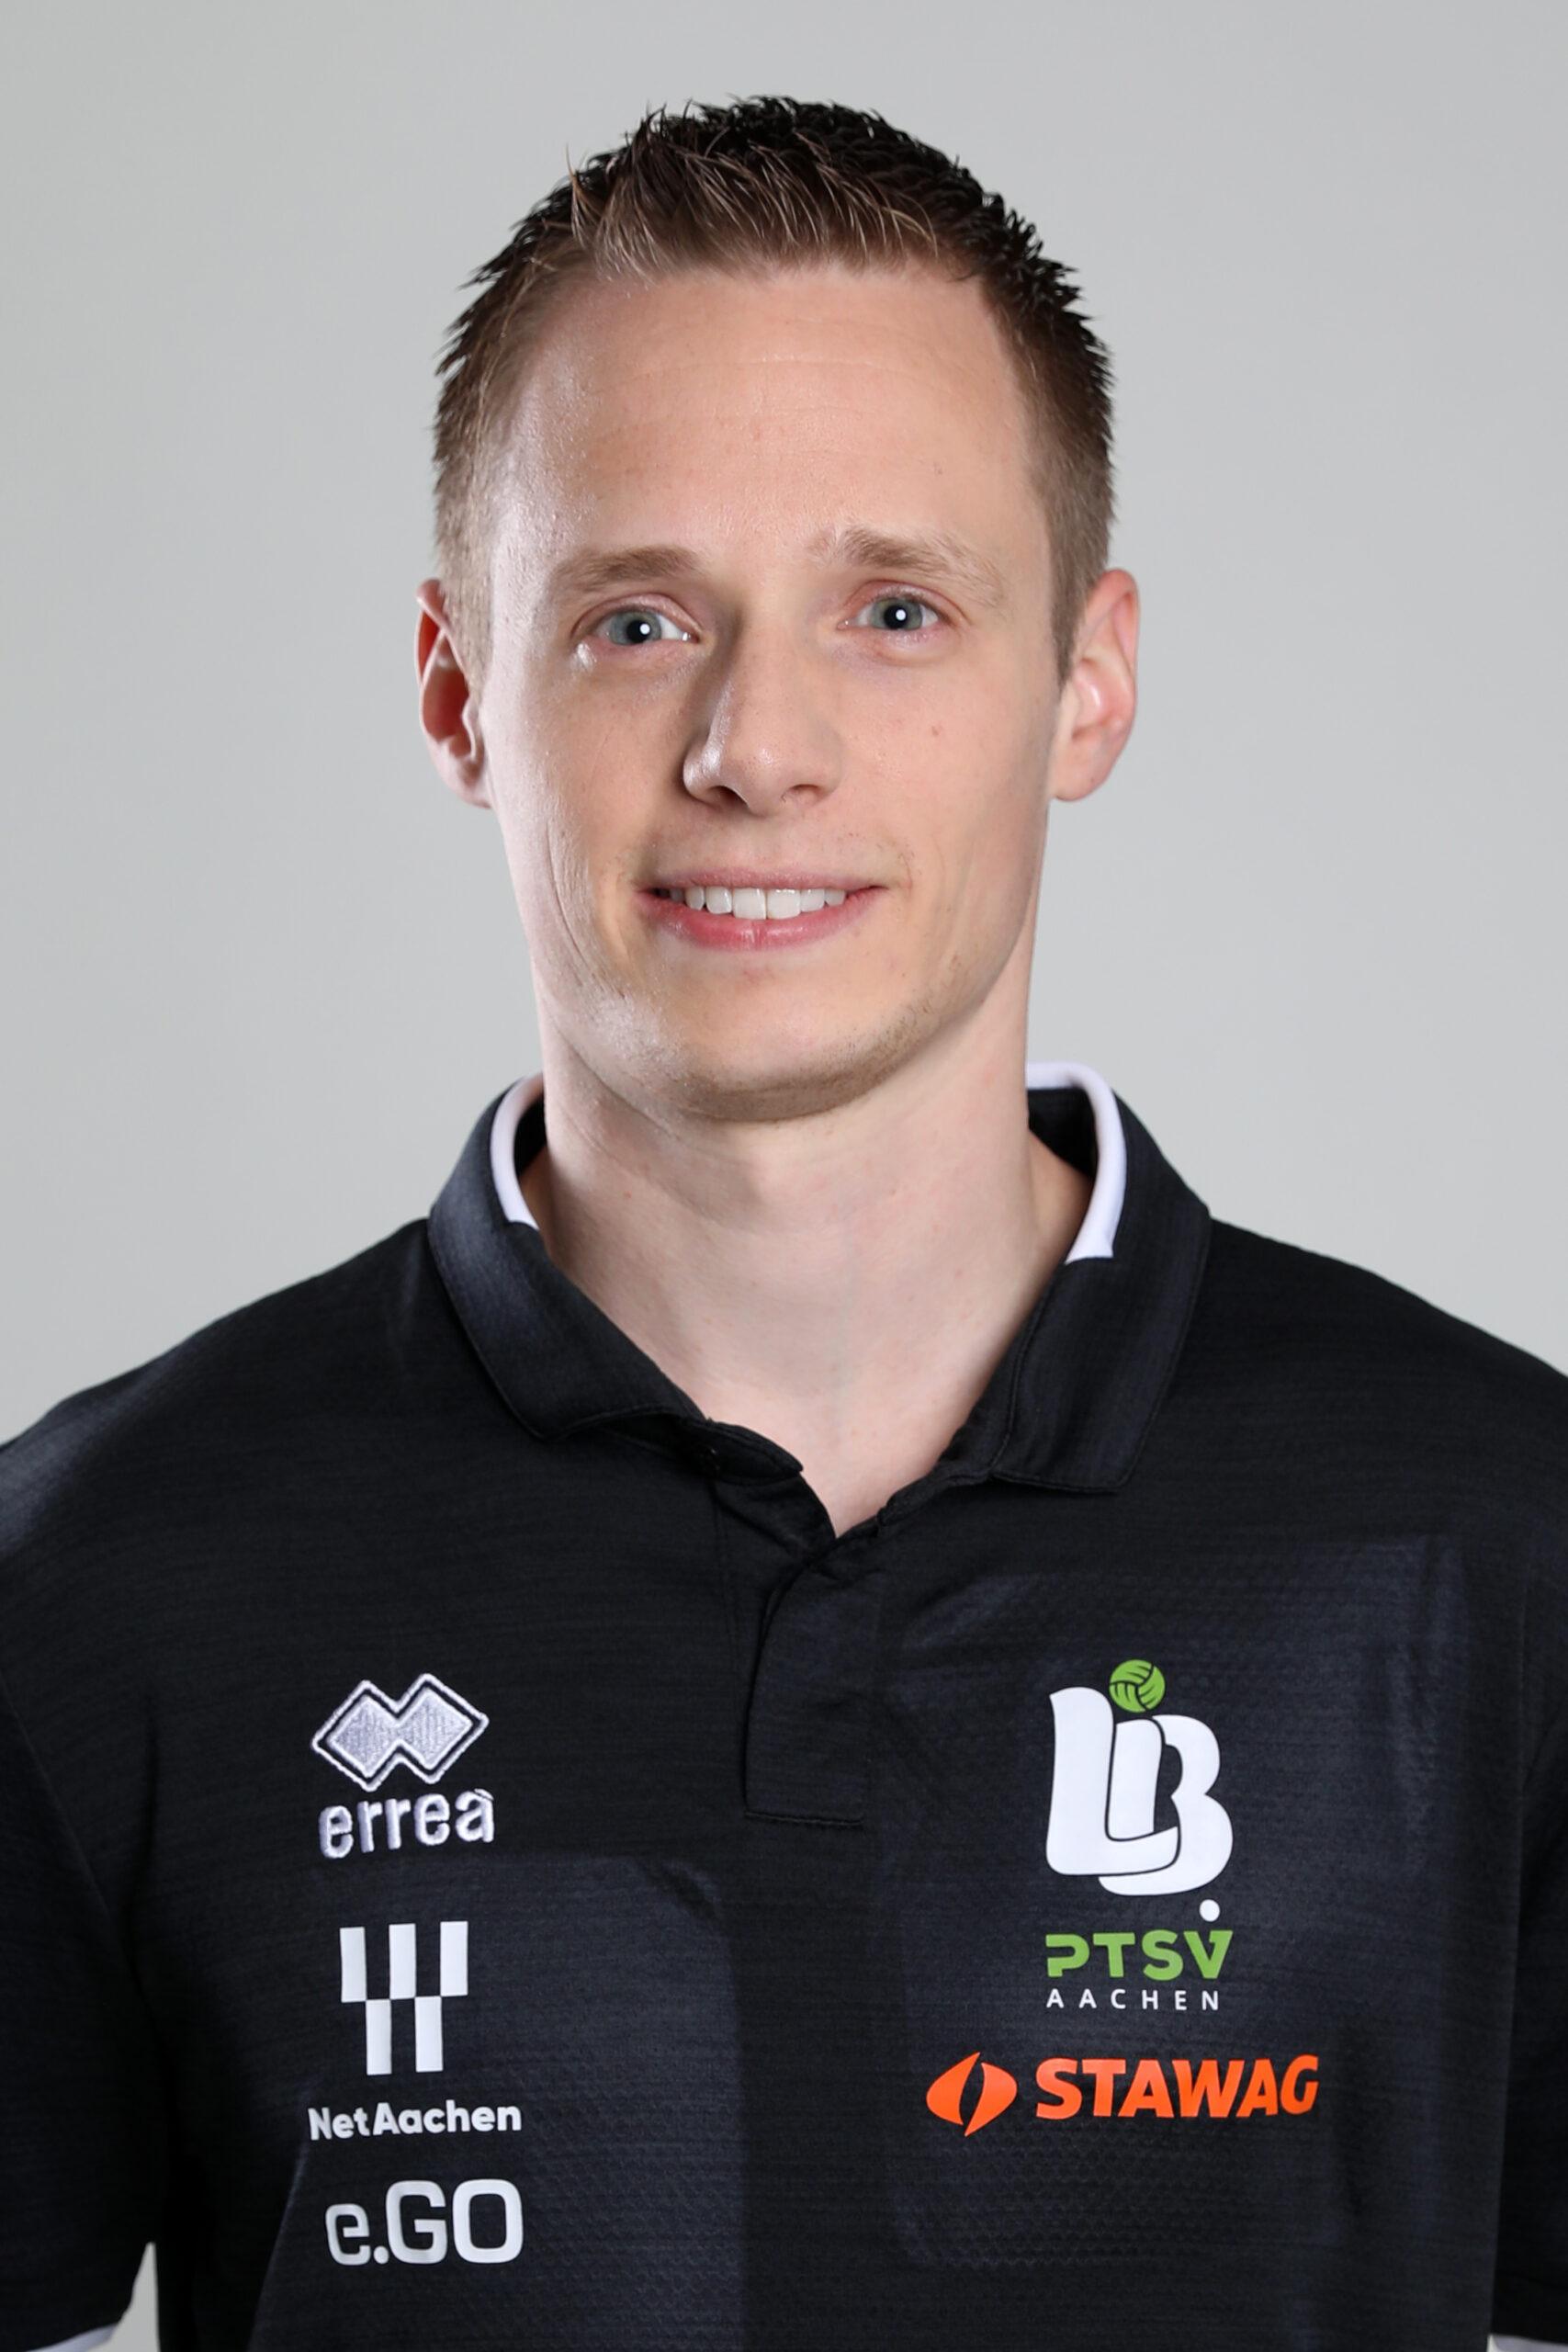 Erik Reitsma